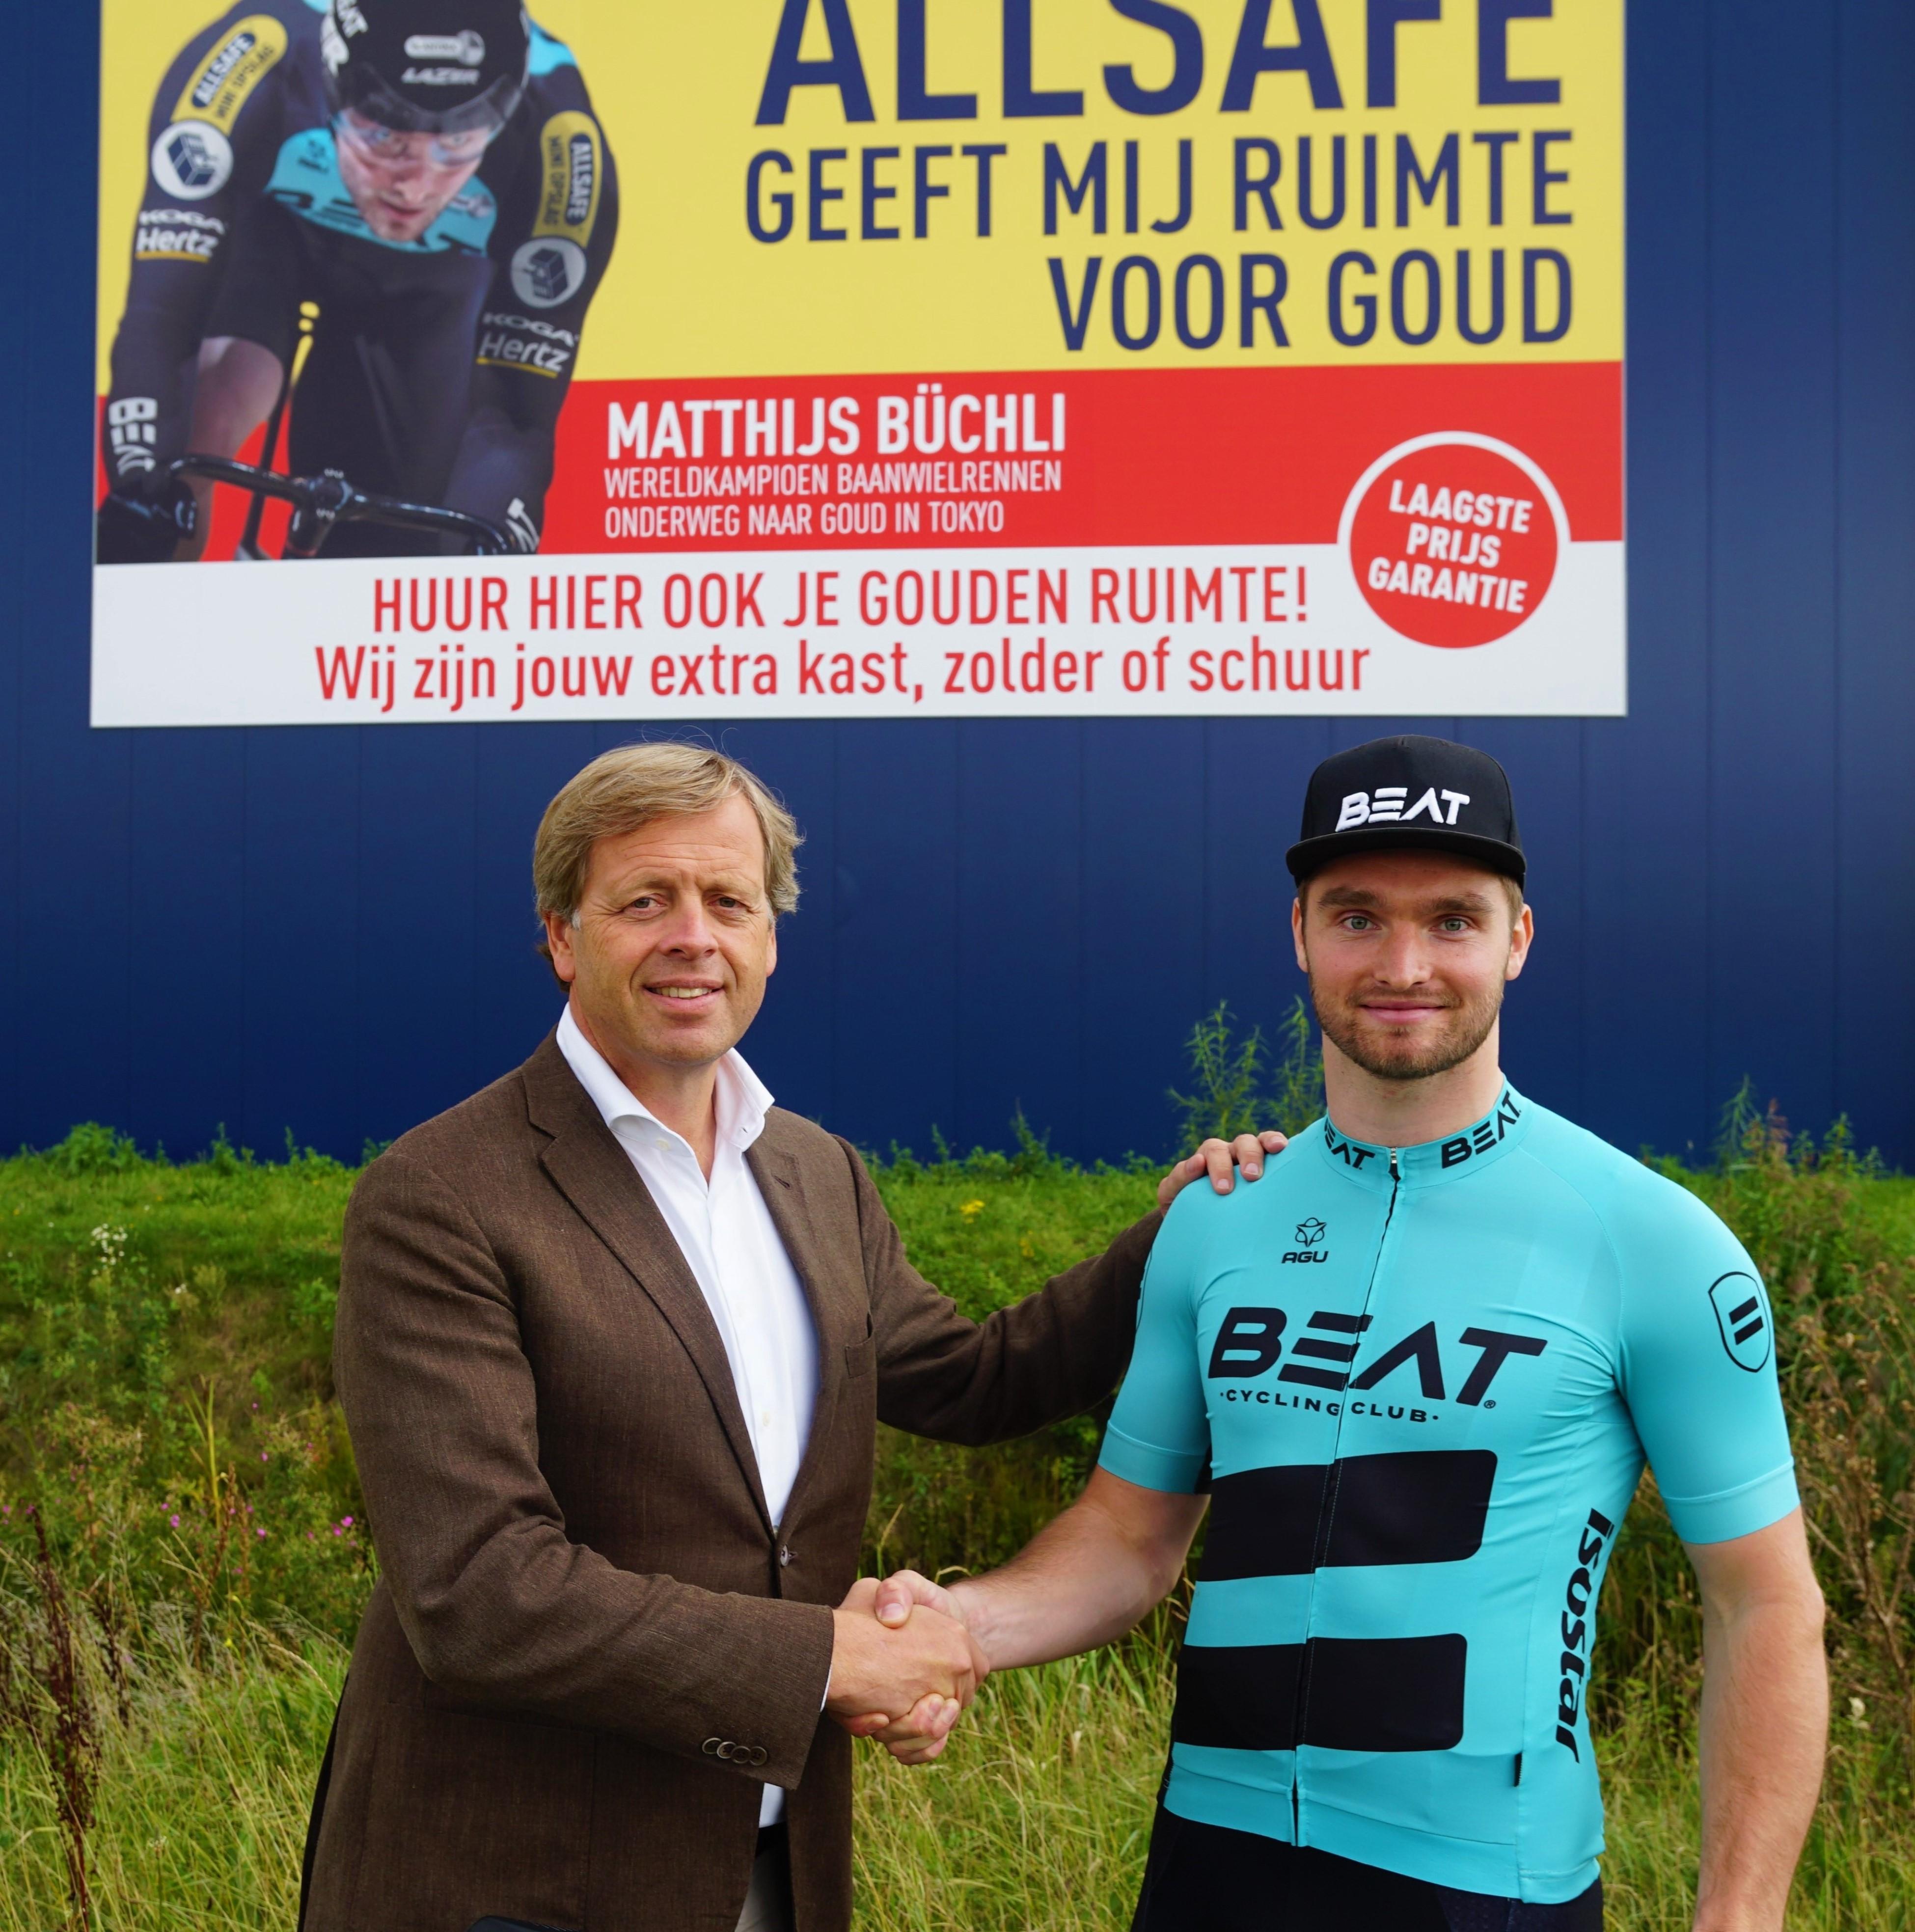 Samenwerking Matthijs Büchli